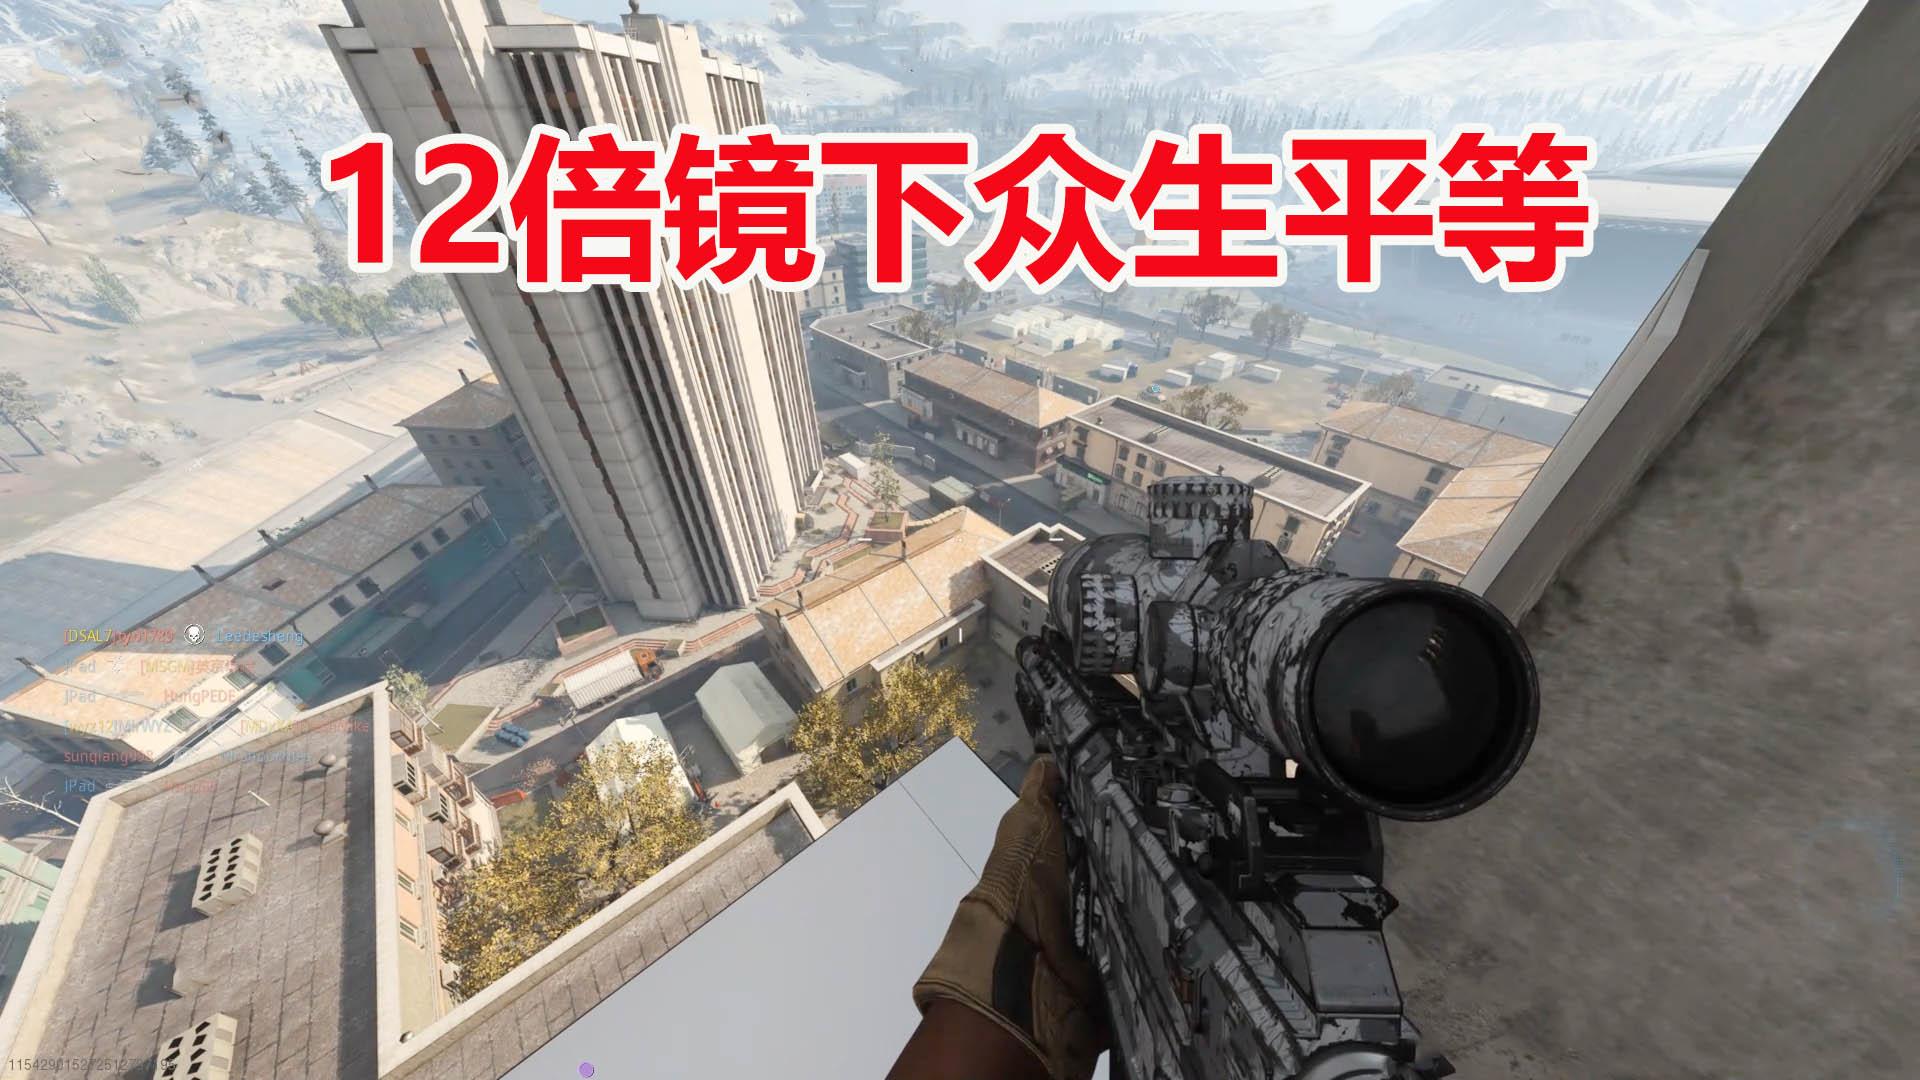 【夏日蕉易战】使命召唤16:12倍镜下众生平等,用AX-50狙击杀,疯狂狙杀吧